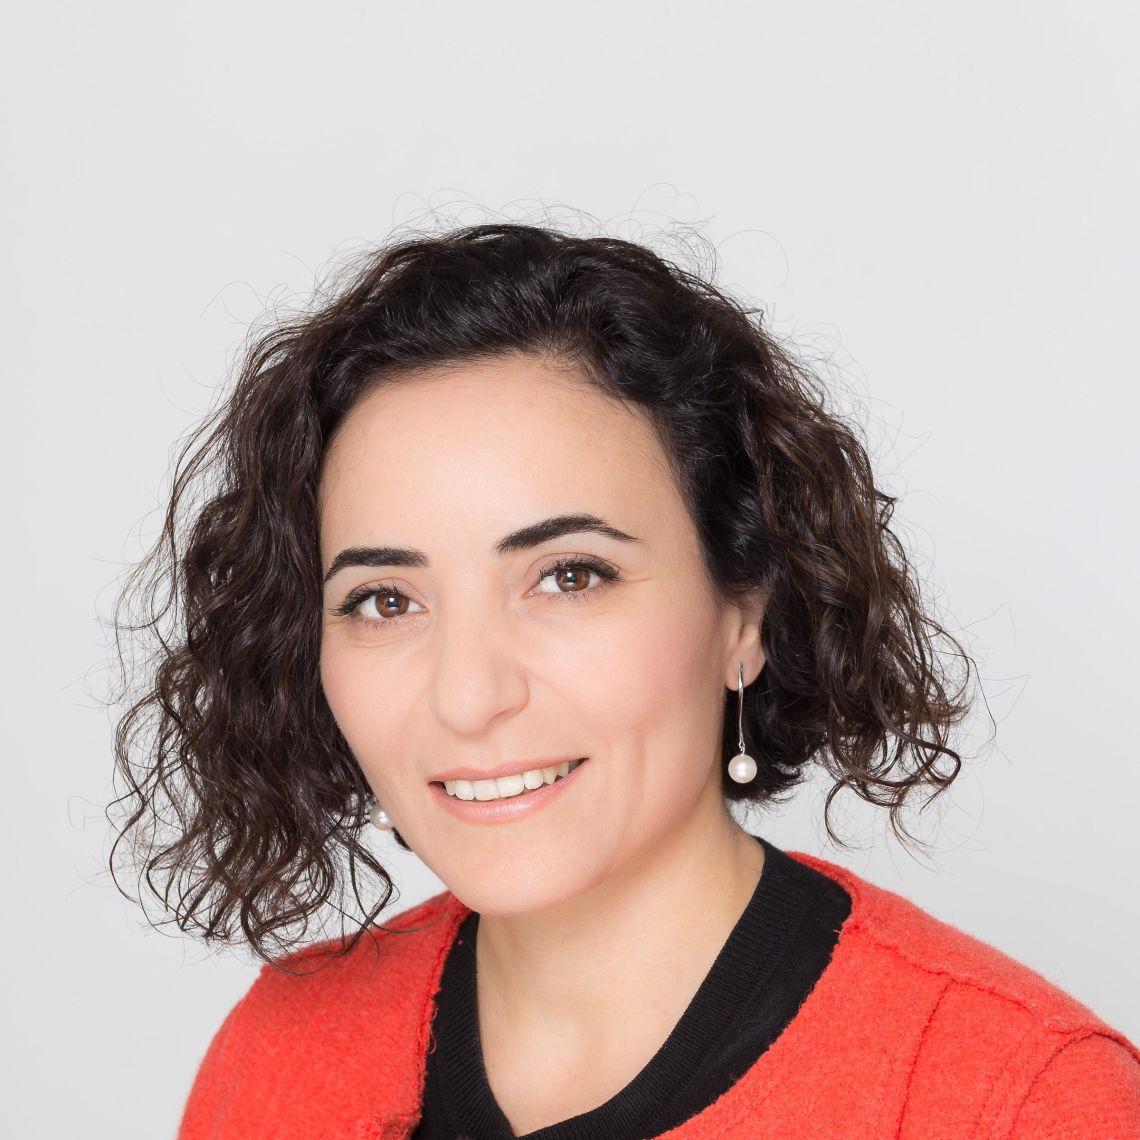 Mira Kassouf